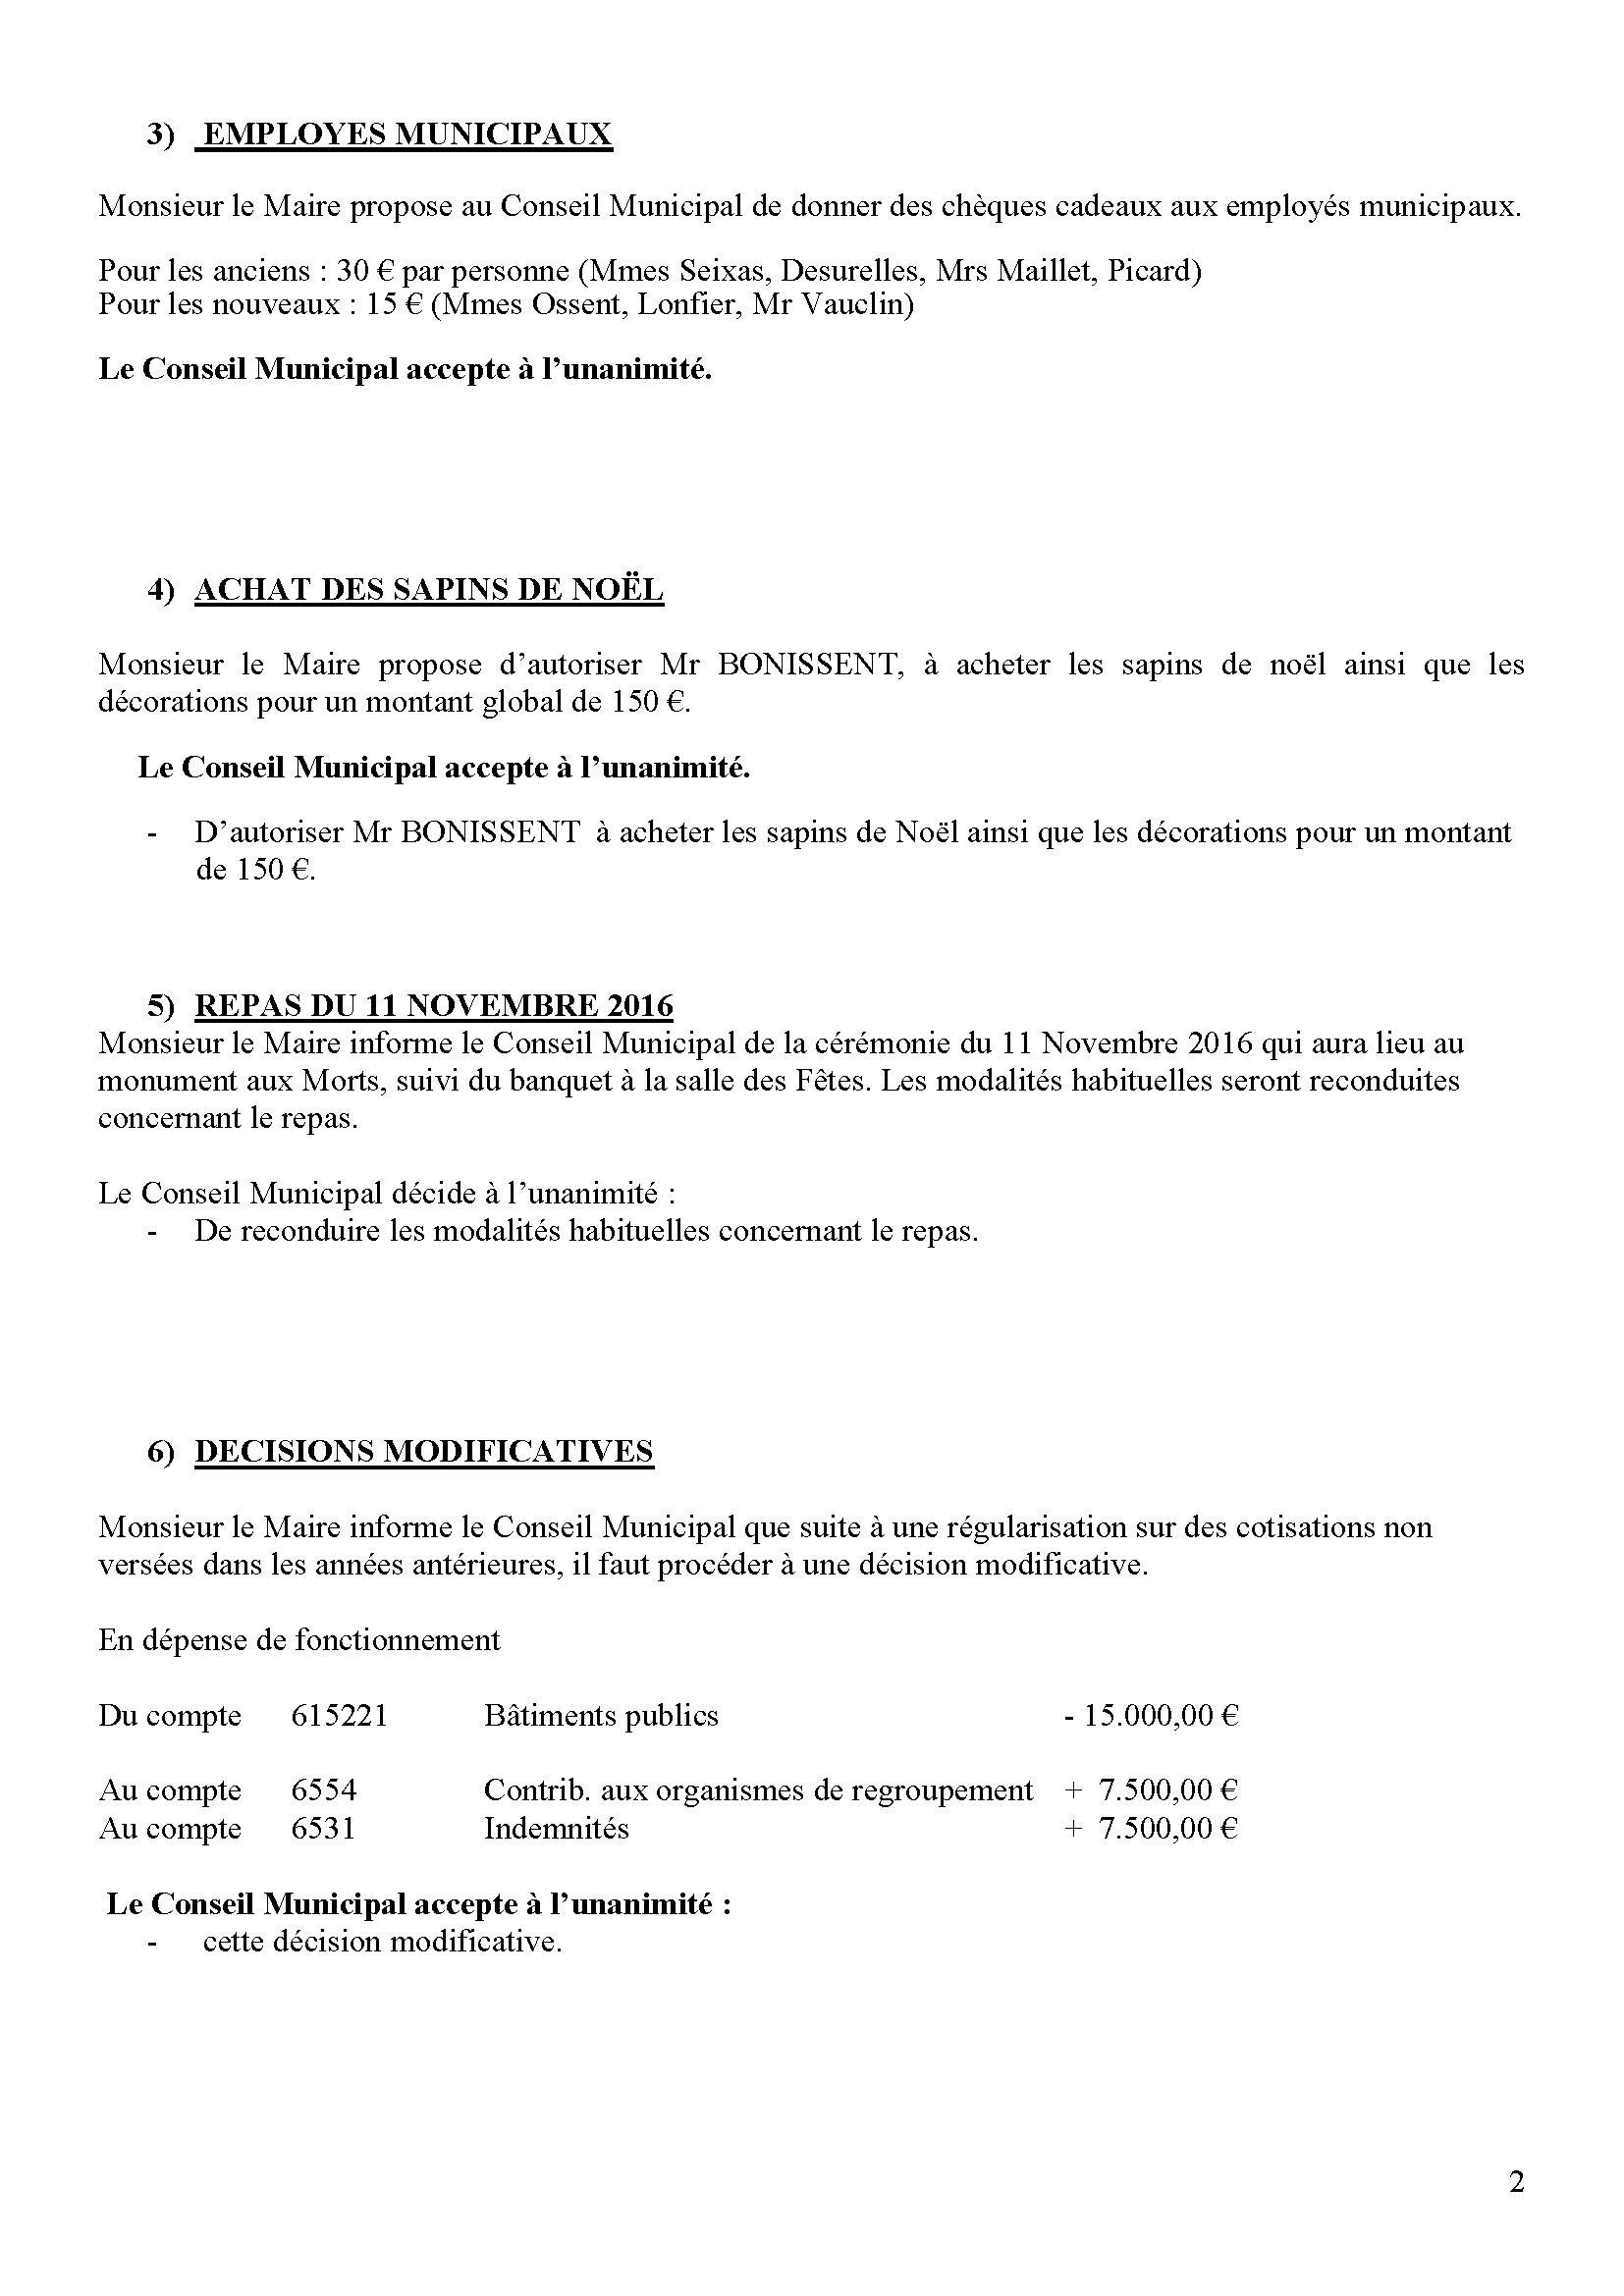 cr-du-03112016-page-2